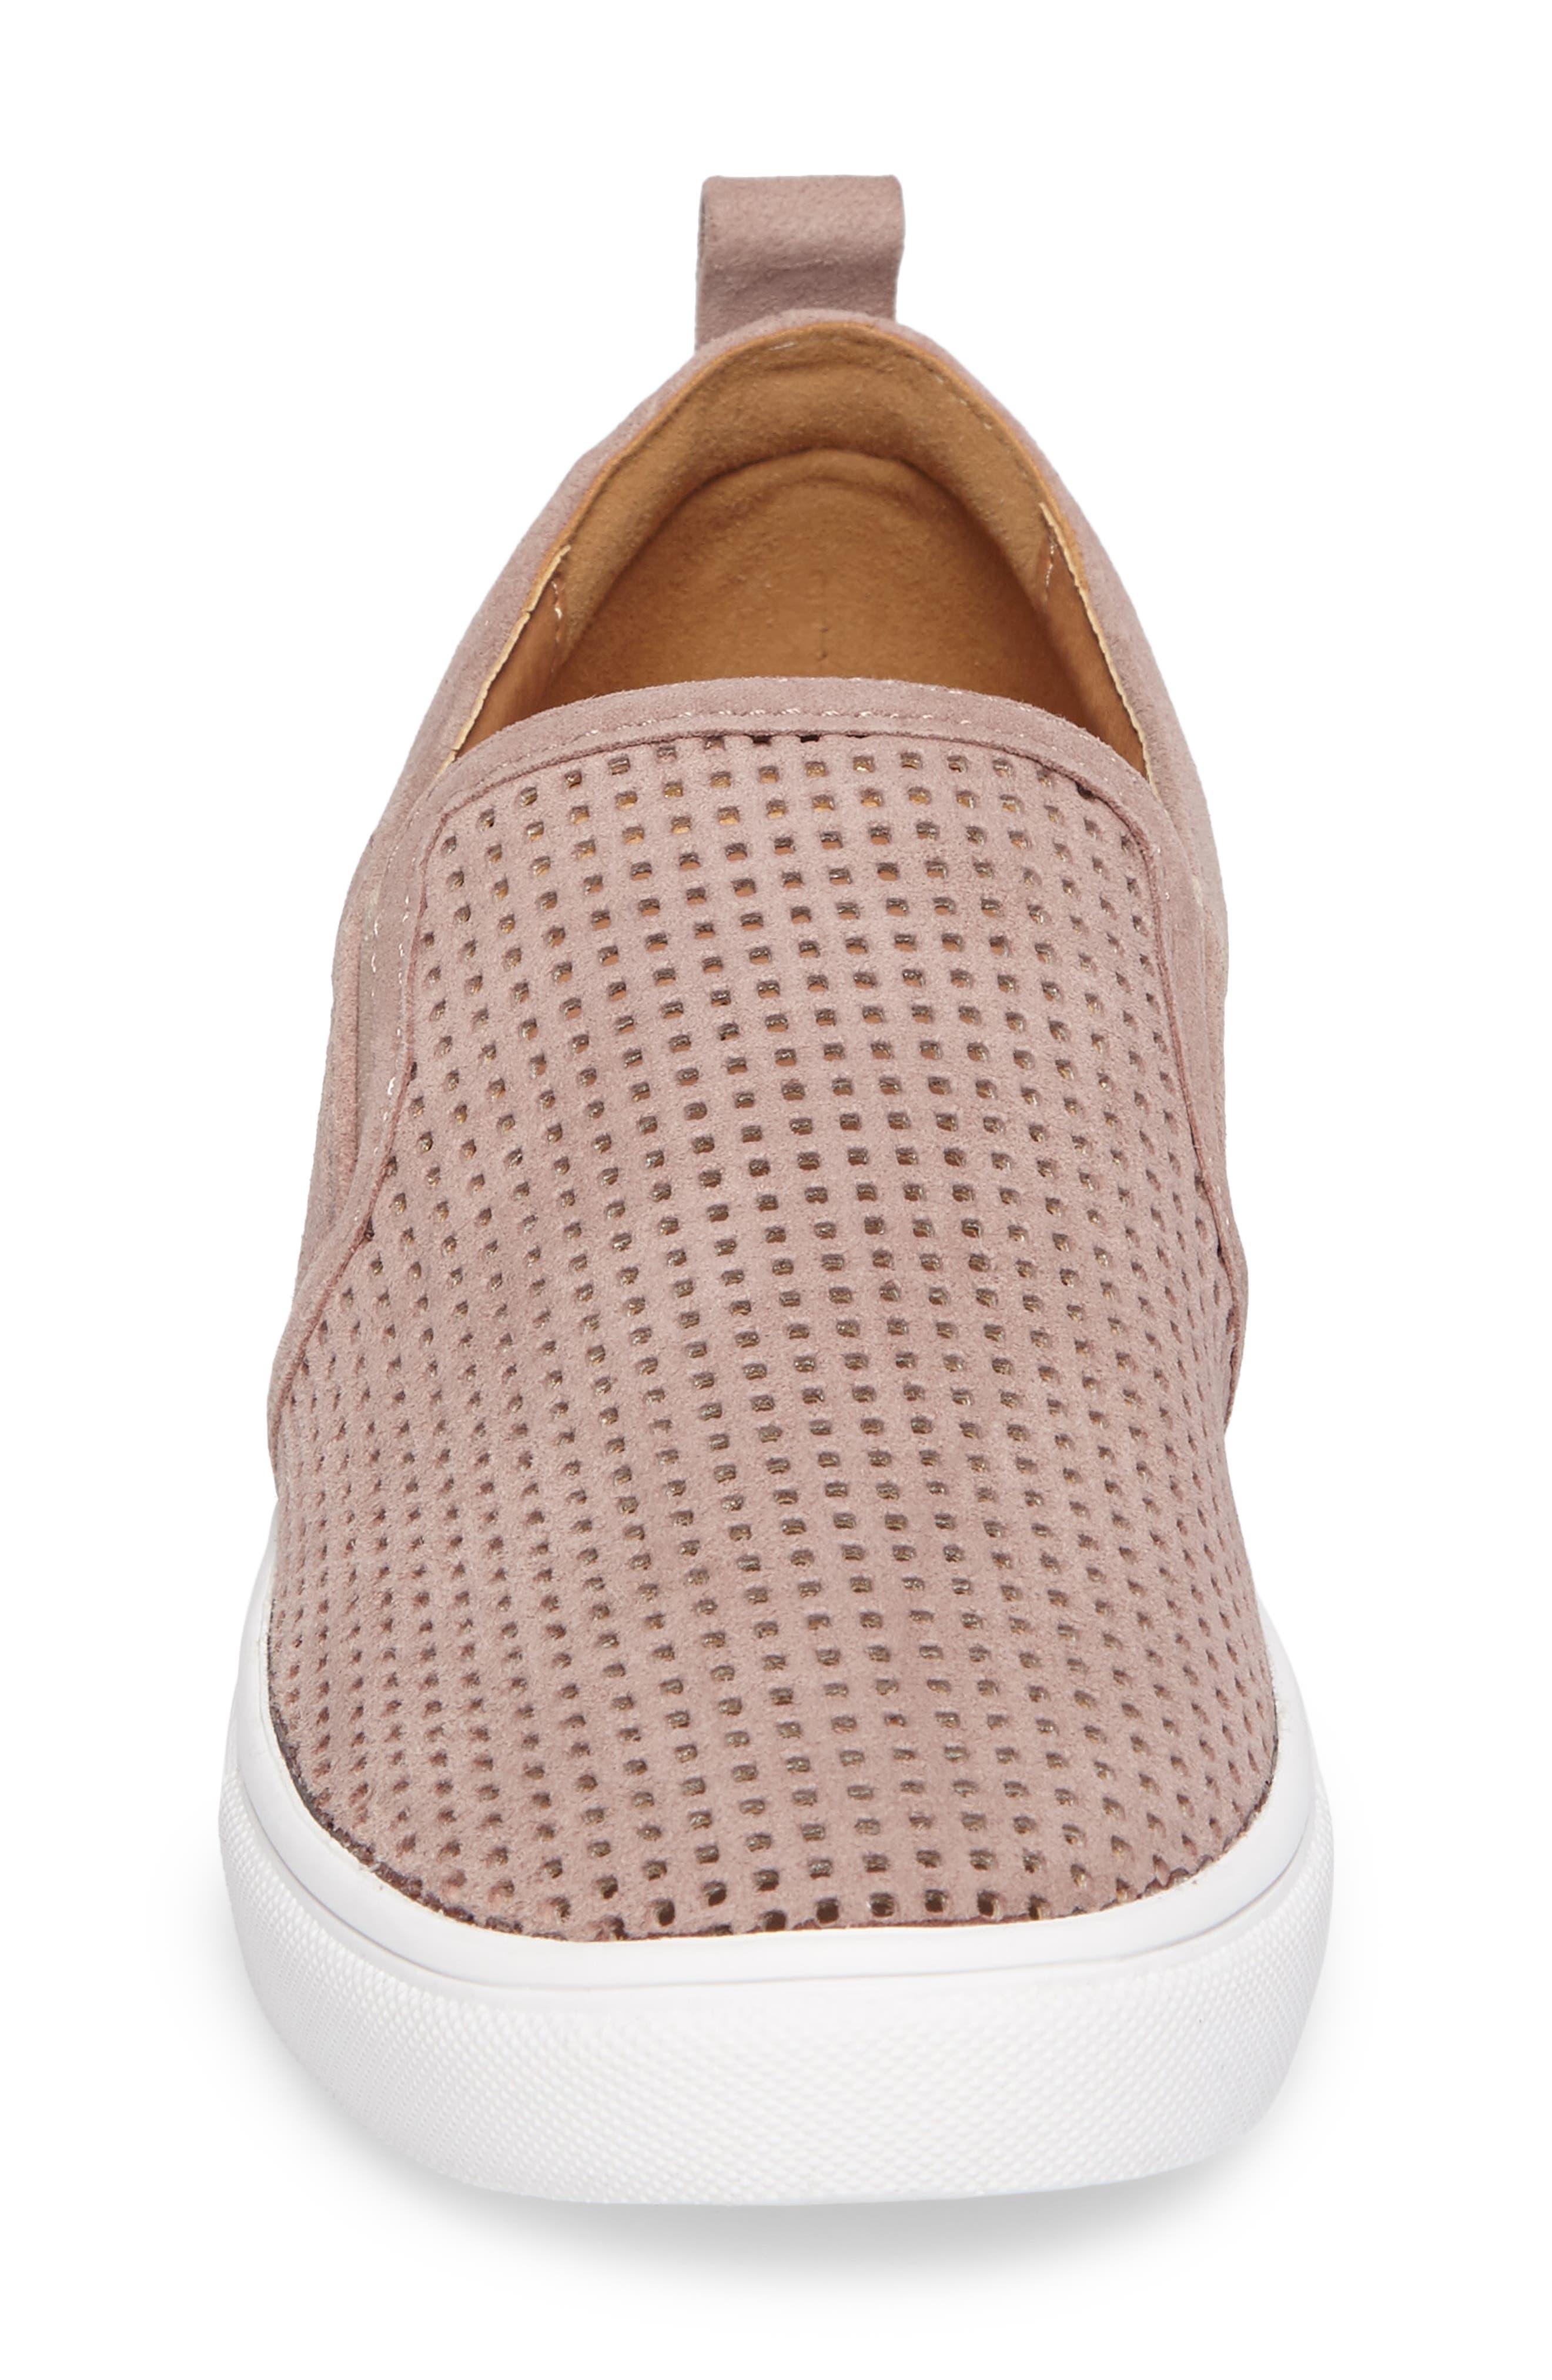 Eden Perforated Slip-On Sneaker,                             Alternate thumbnail 16, color,